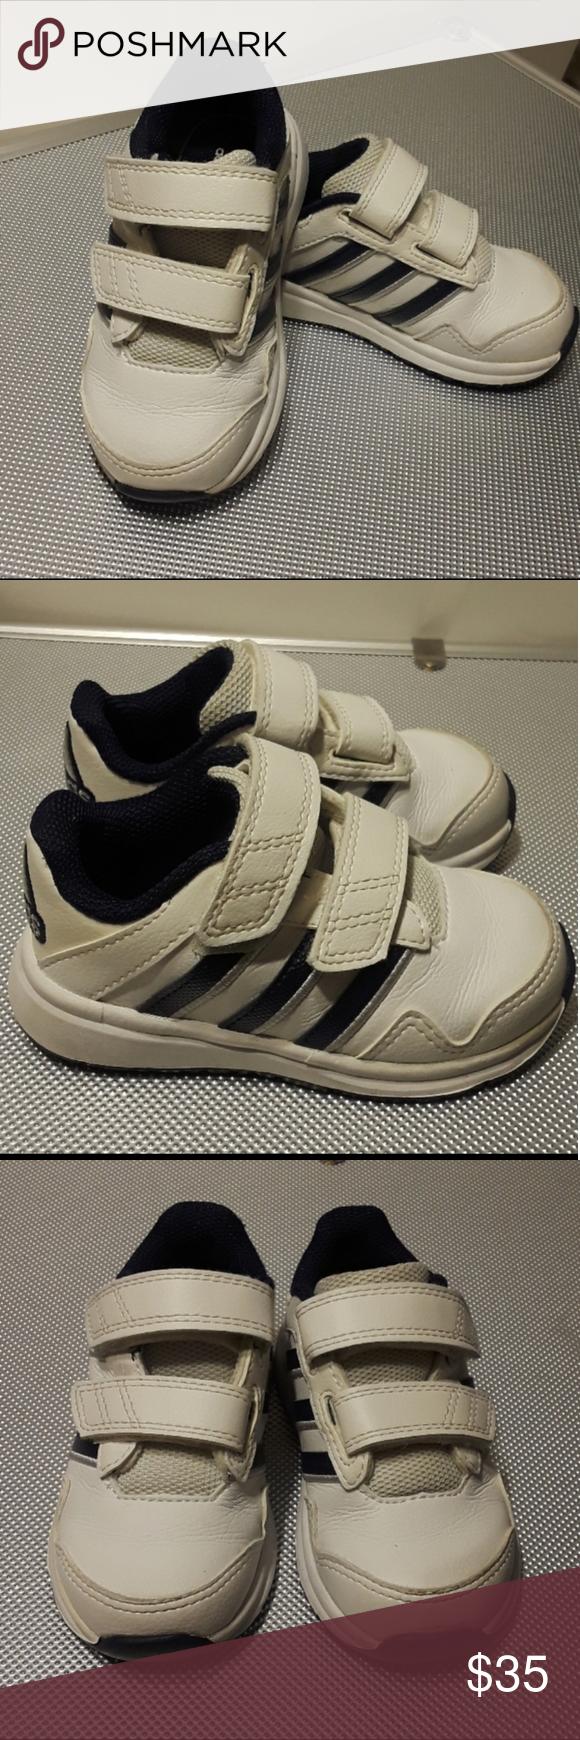 adidas baby ortholite